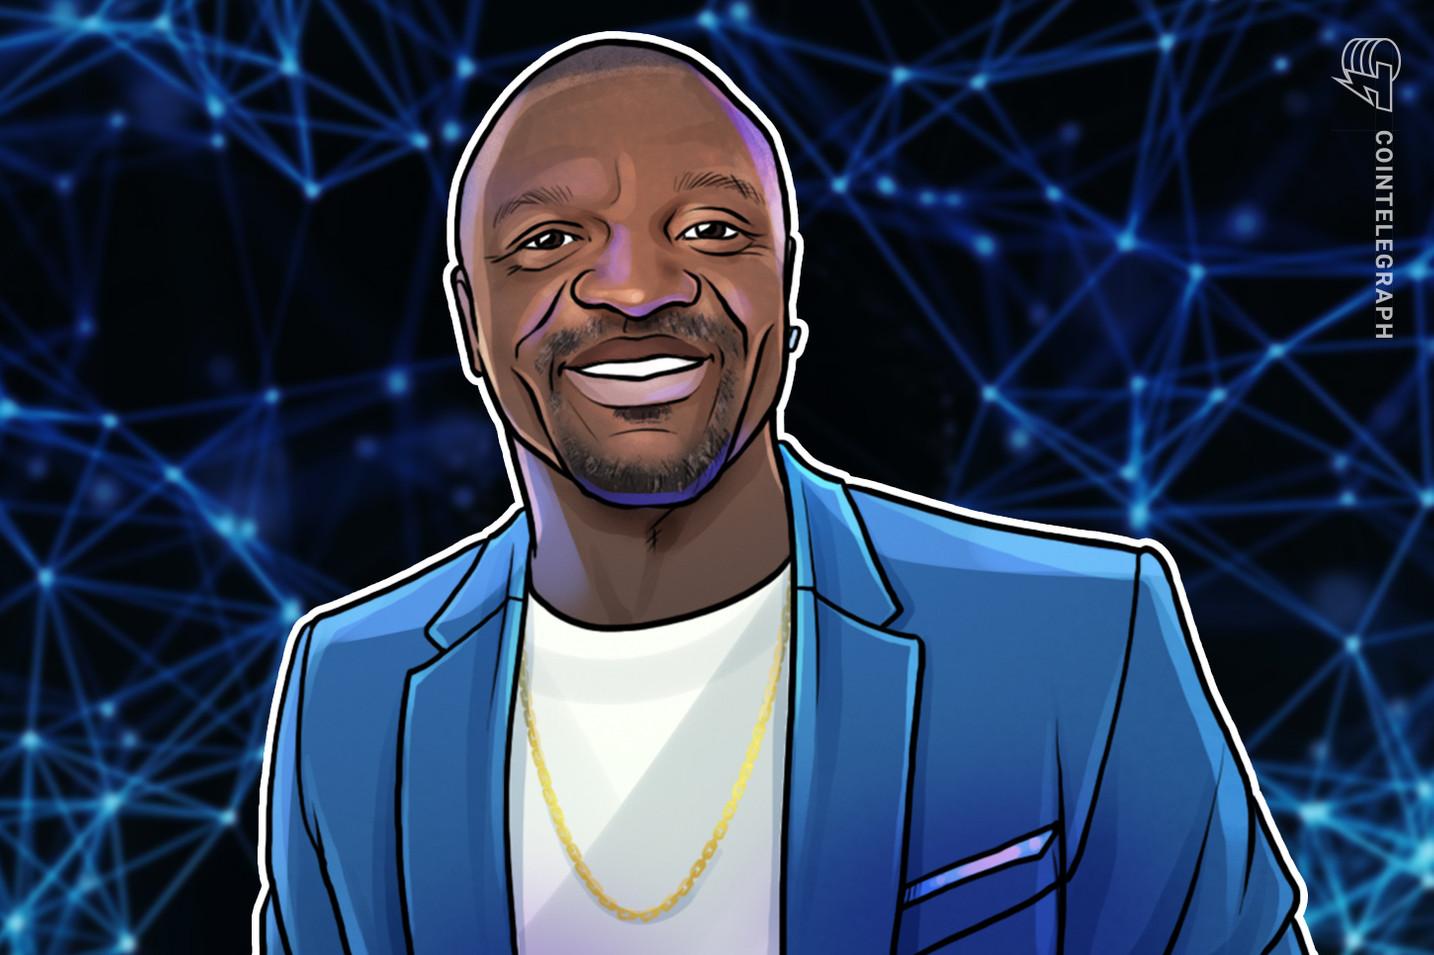 著名歌手のAkon氏による仮想通貨パイロットプロジェクトが成功 ケニアでの全国展開目指す